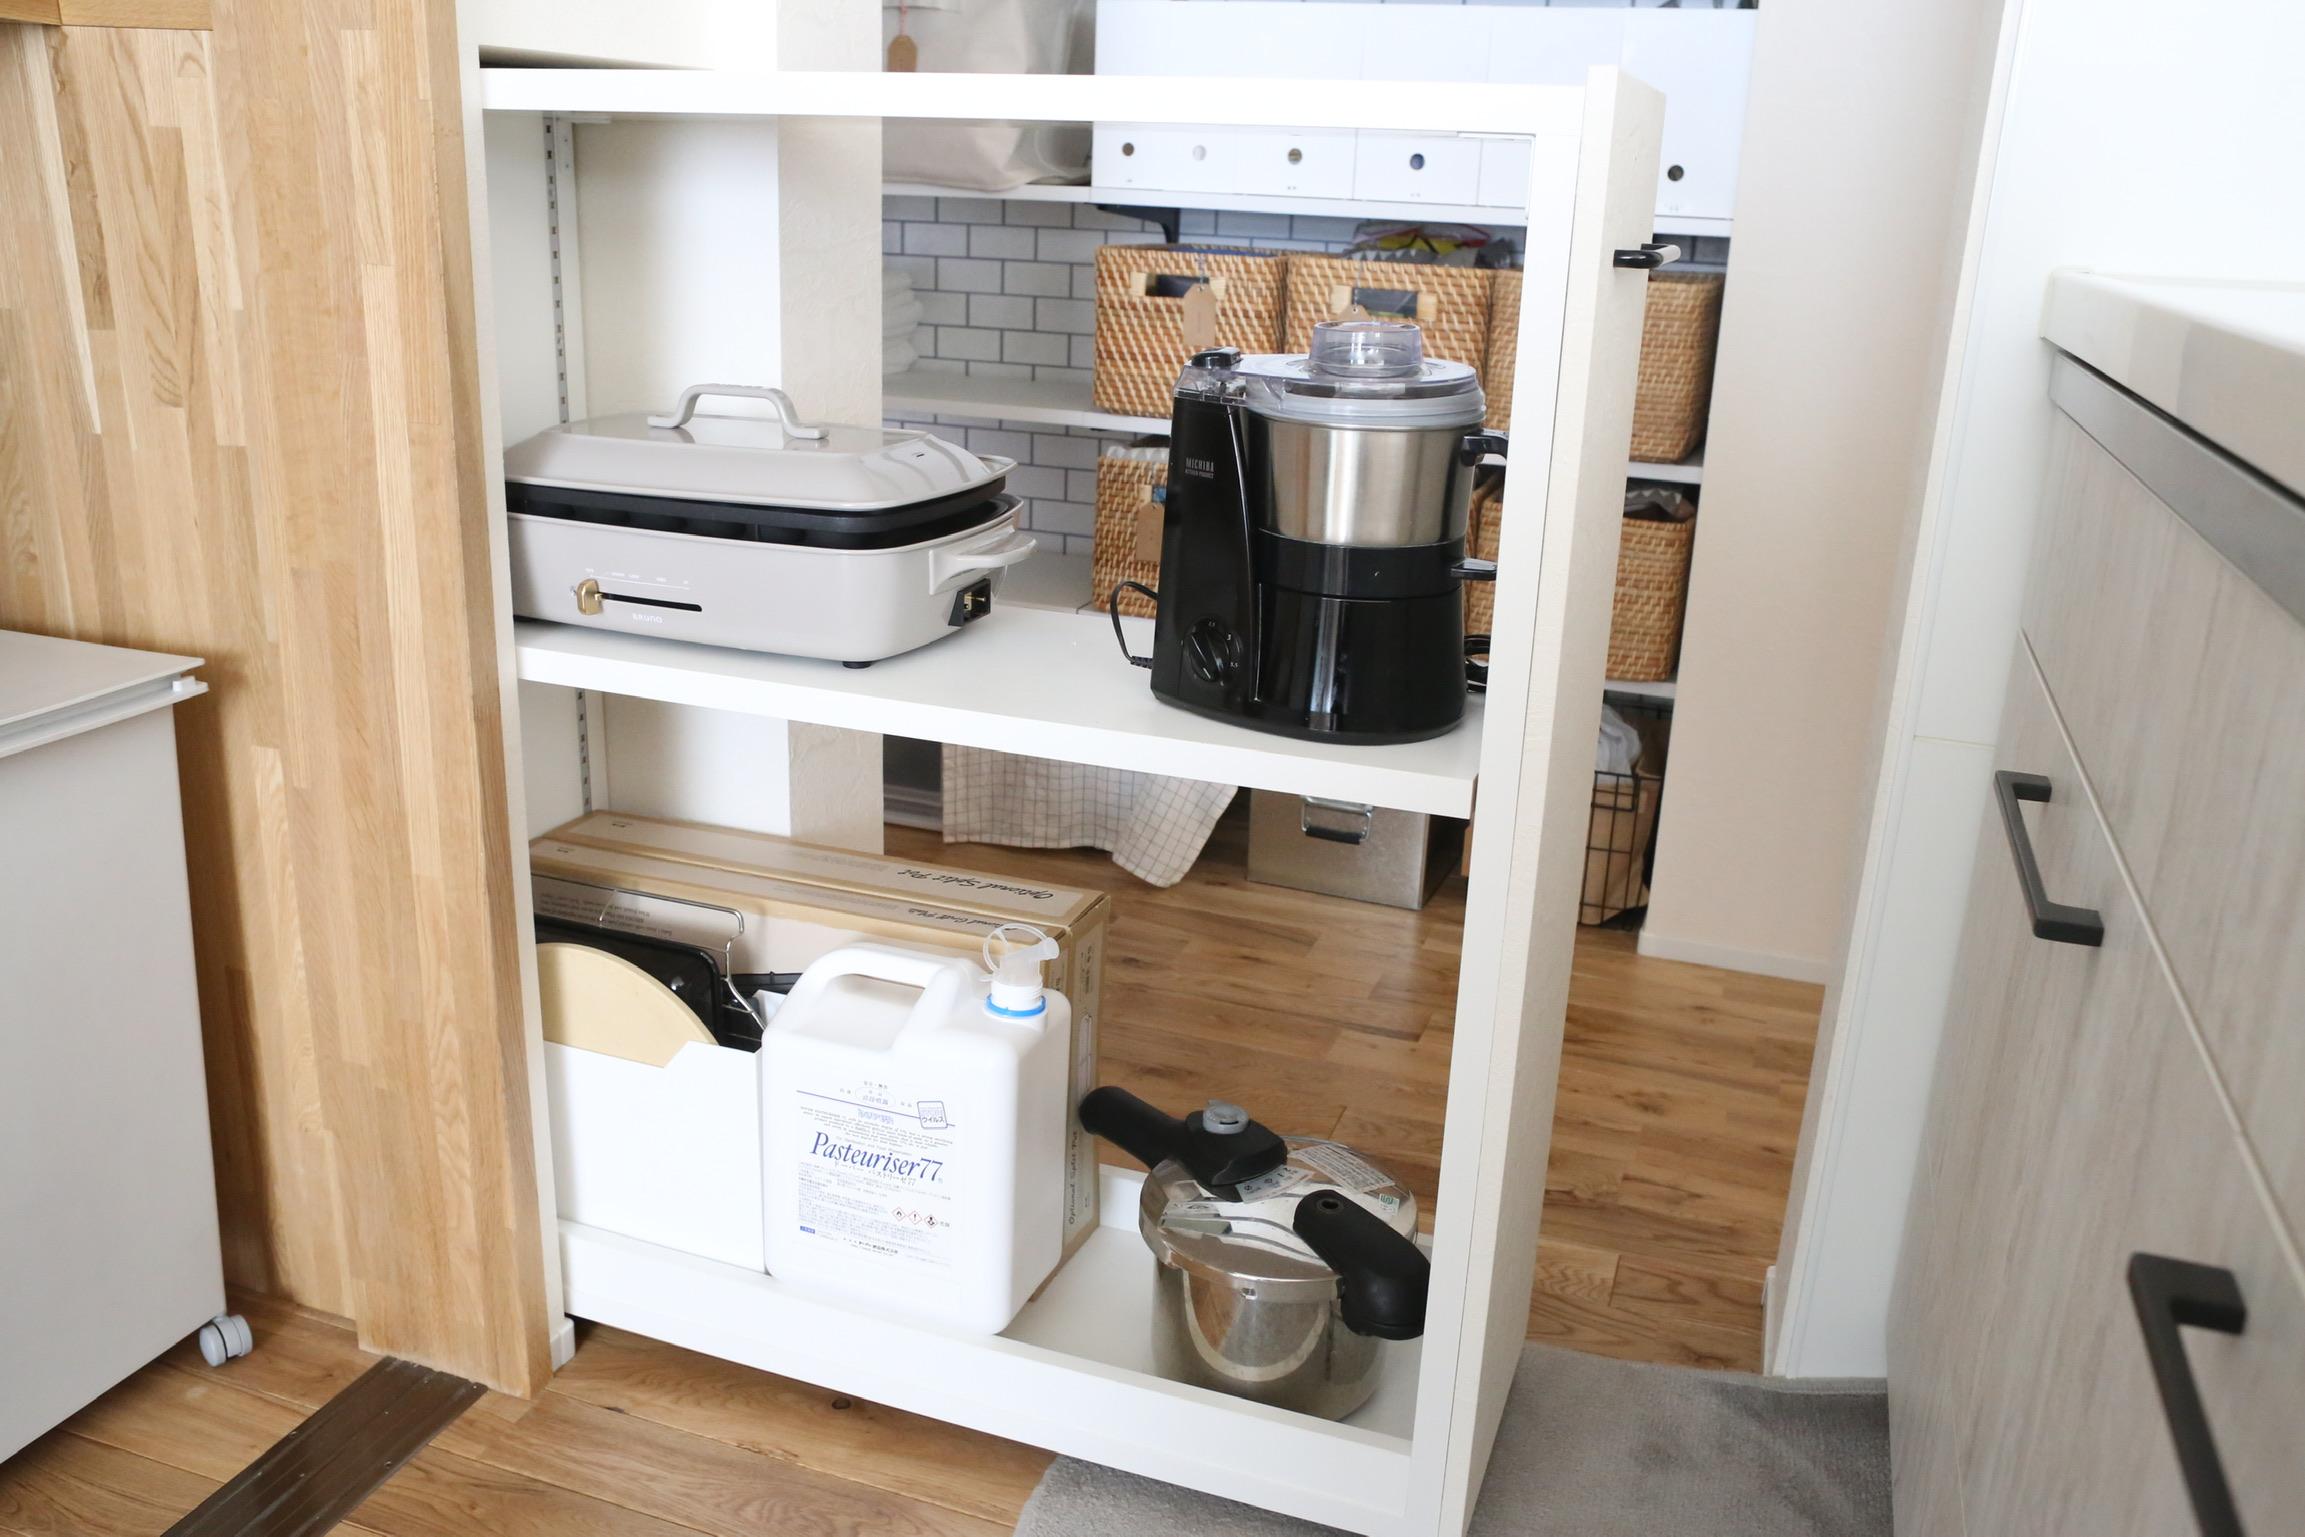 《web内覧会2019》キッチン背面収納4  必ず驚かれる隠れ収納はココ!